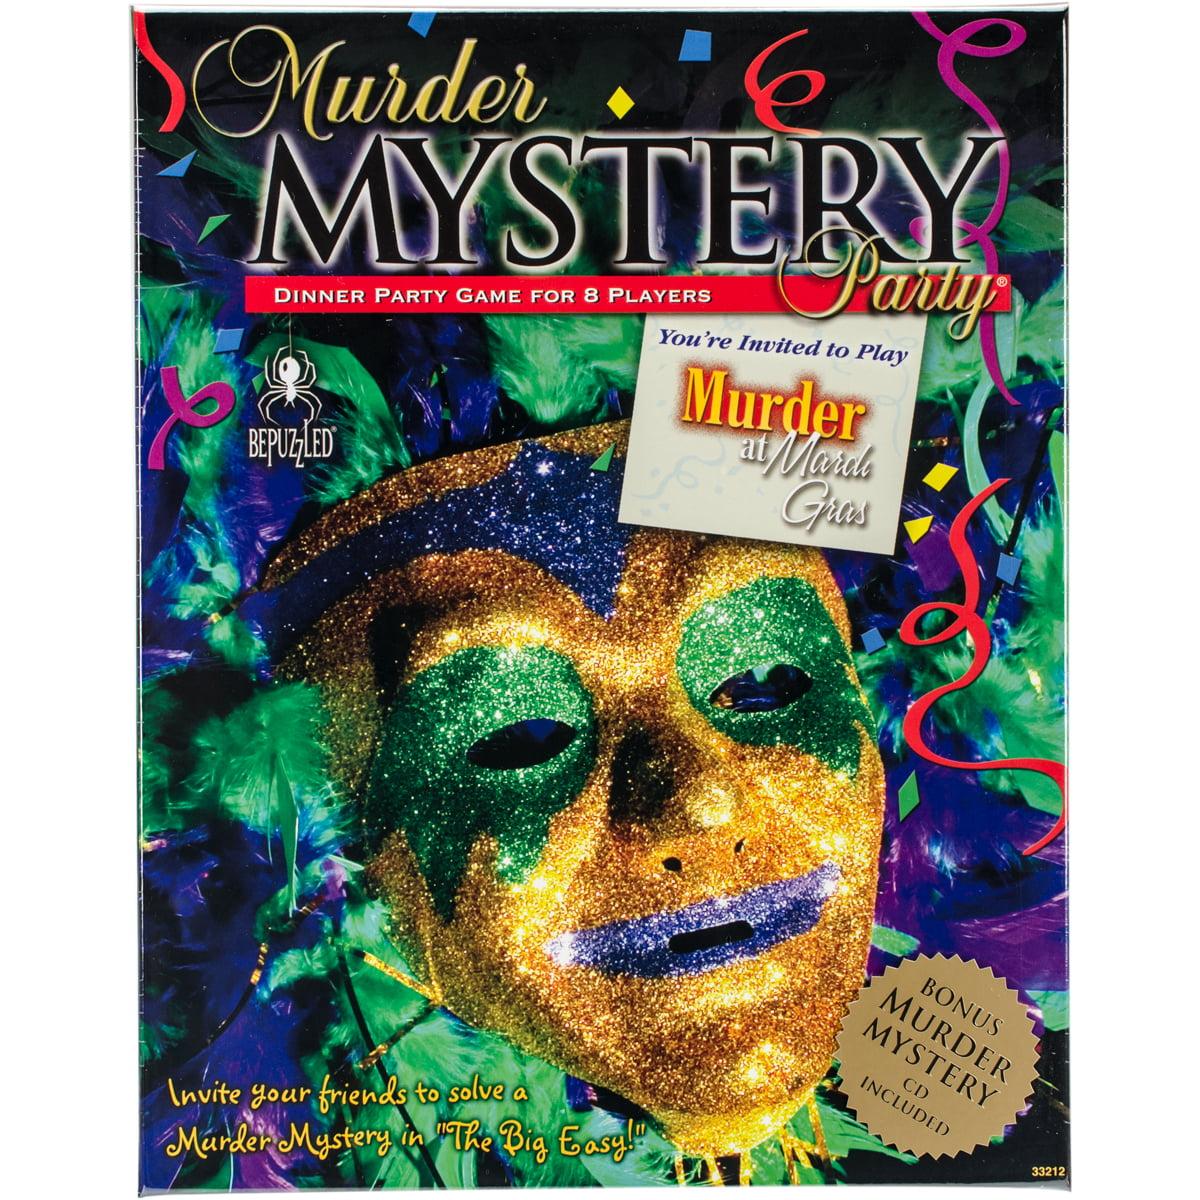 Murder Mystery Party GameMurder At Mardi Gras